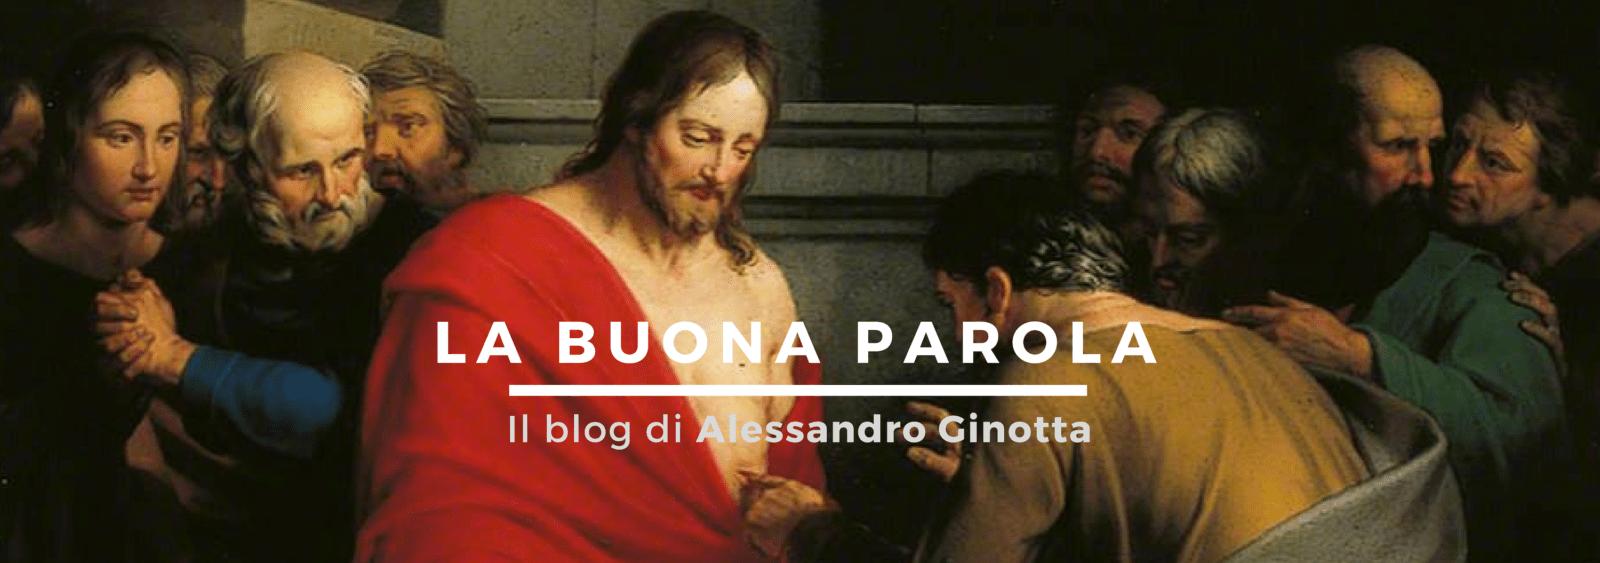 La buona Parola, il blog di Alessandro Ginotta